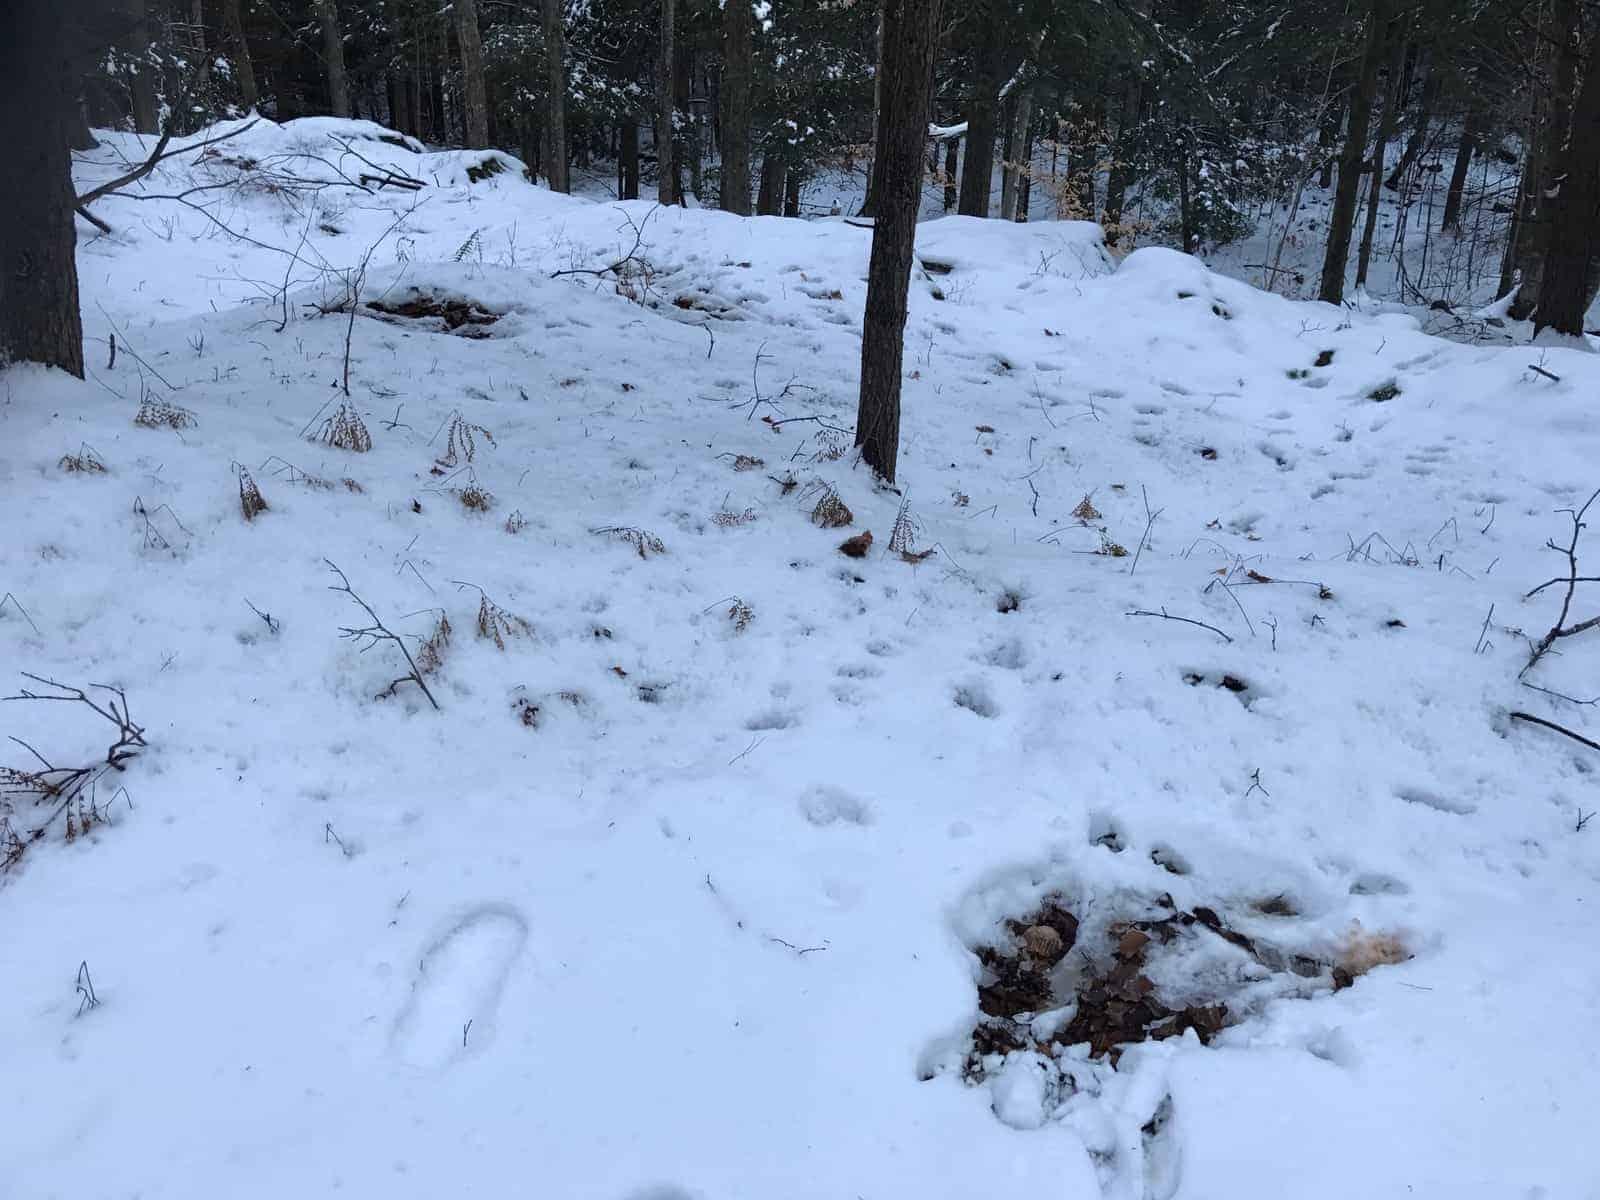 deer beds in snow